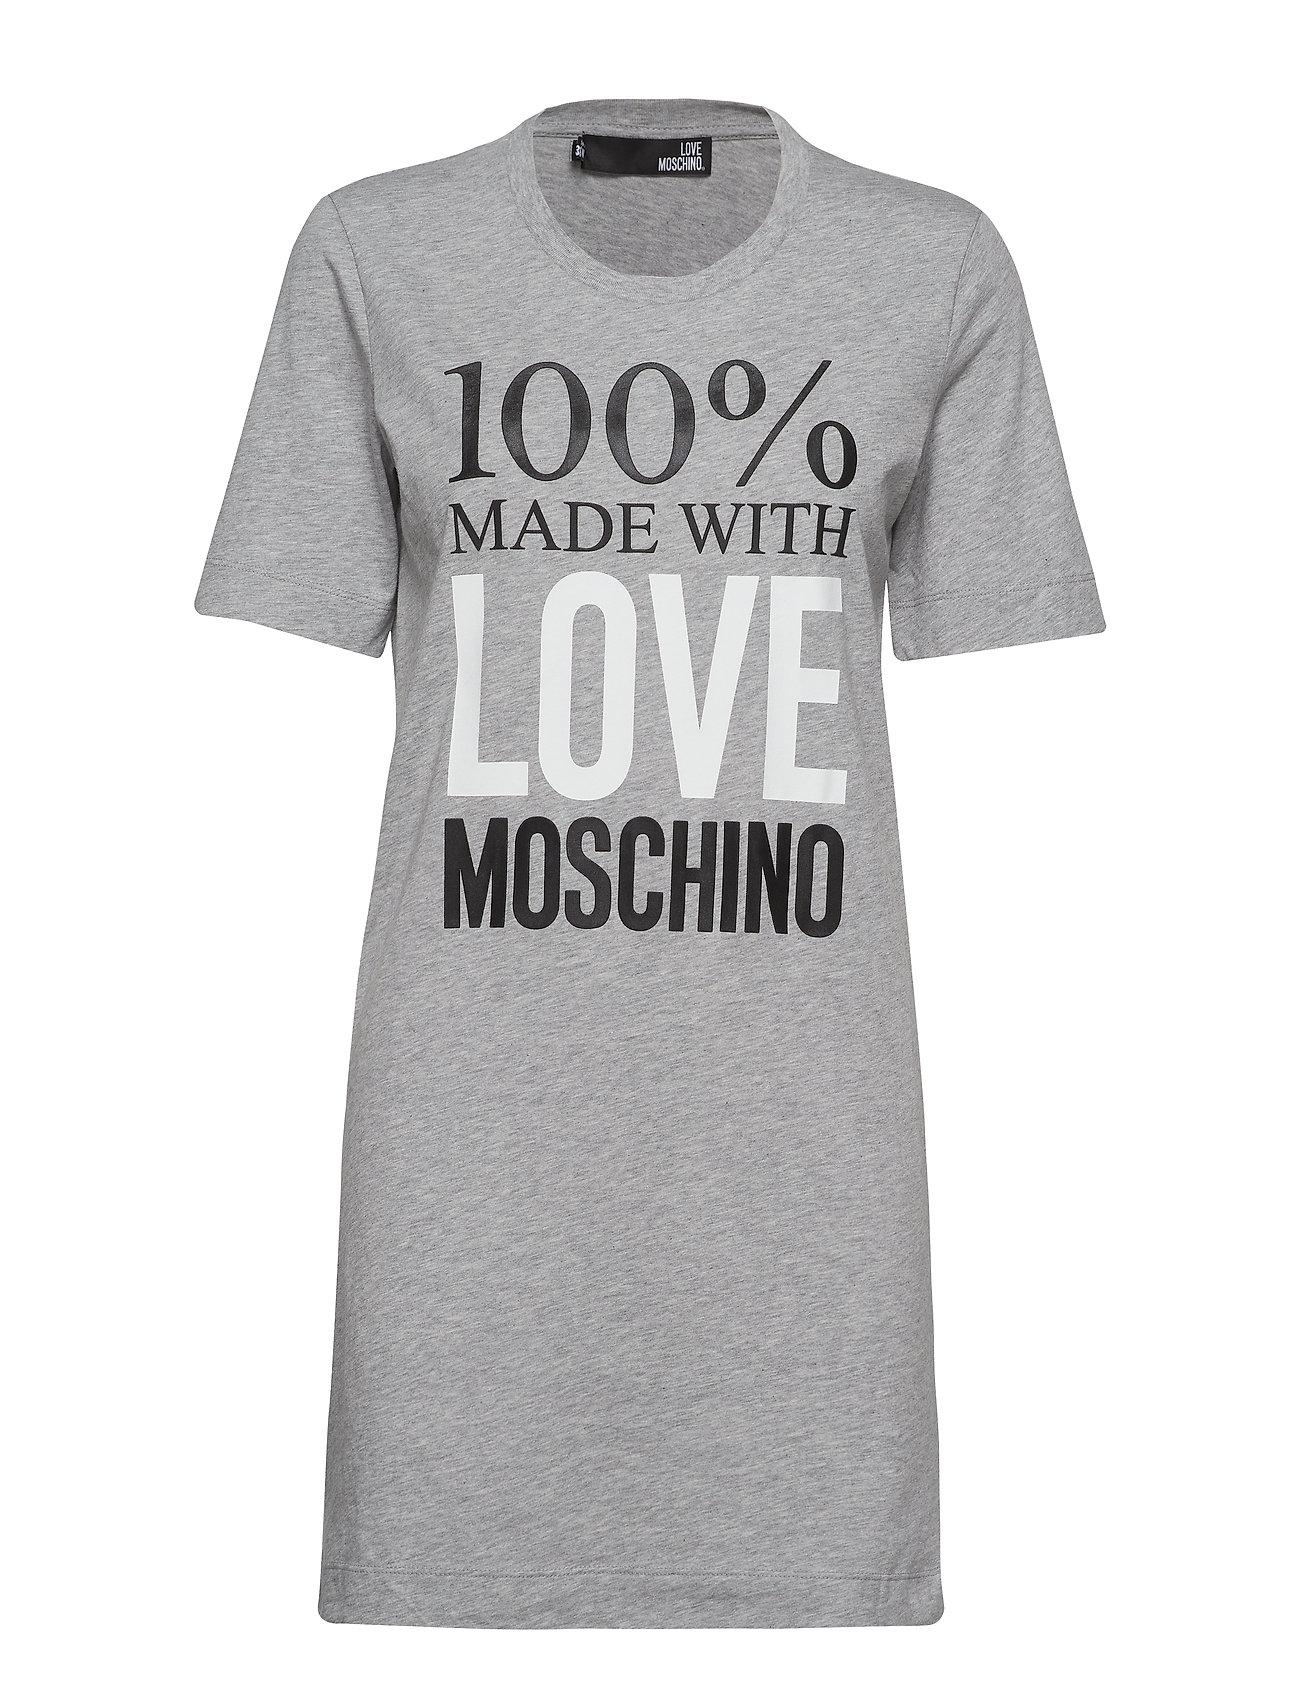 Love Moschino LOVE MOSCHINO-DRESS - GREY